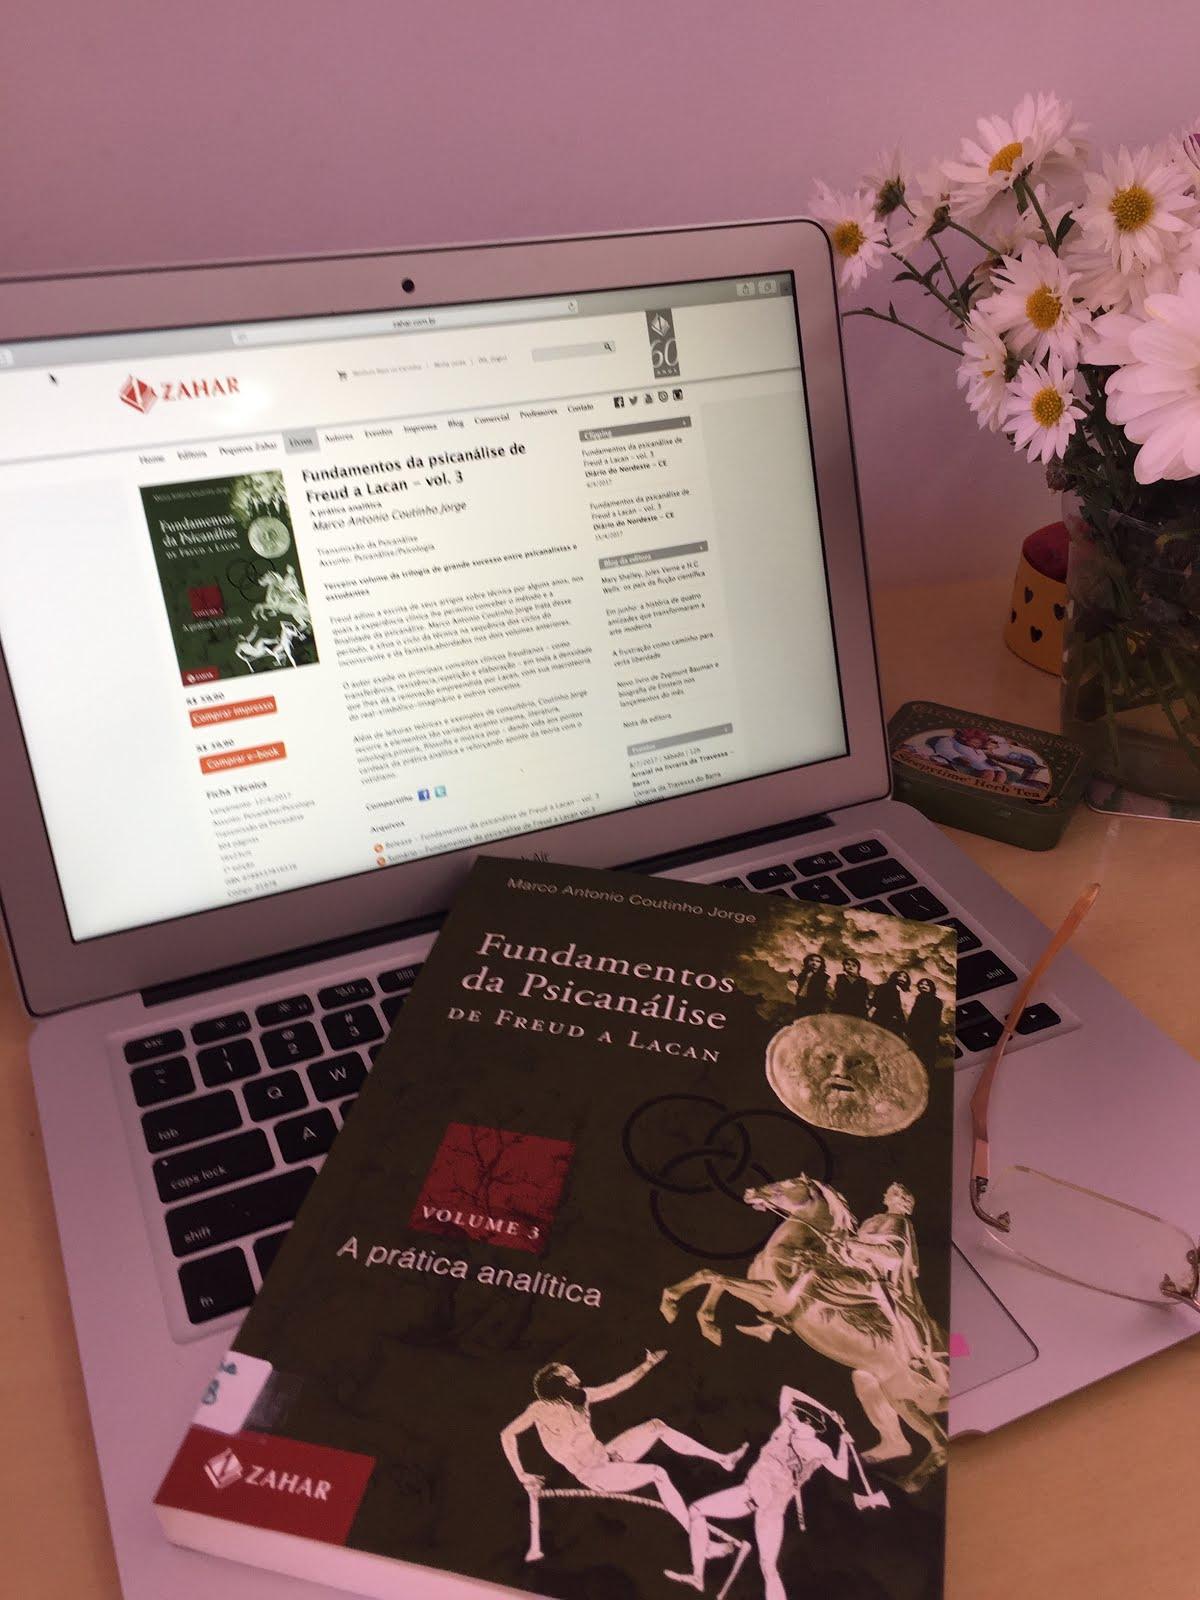 FUNDAMENTOS DA PSICANÁLISE - Vl. 3 - A prática analítica